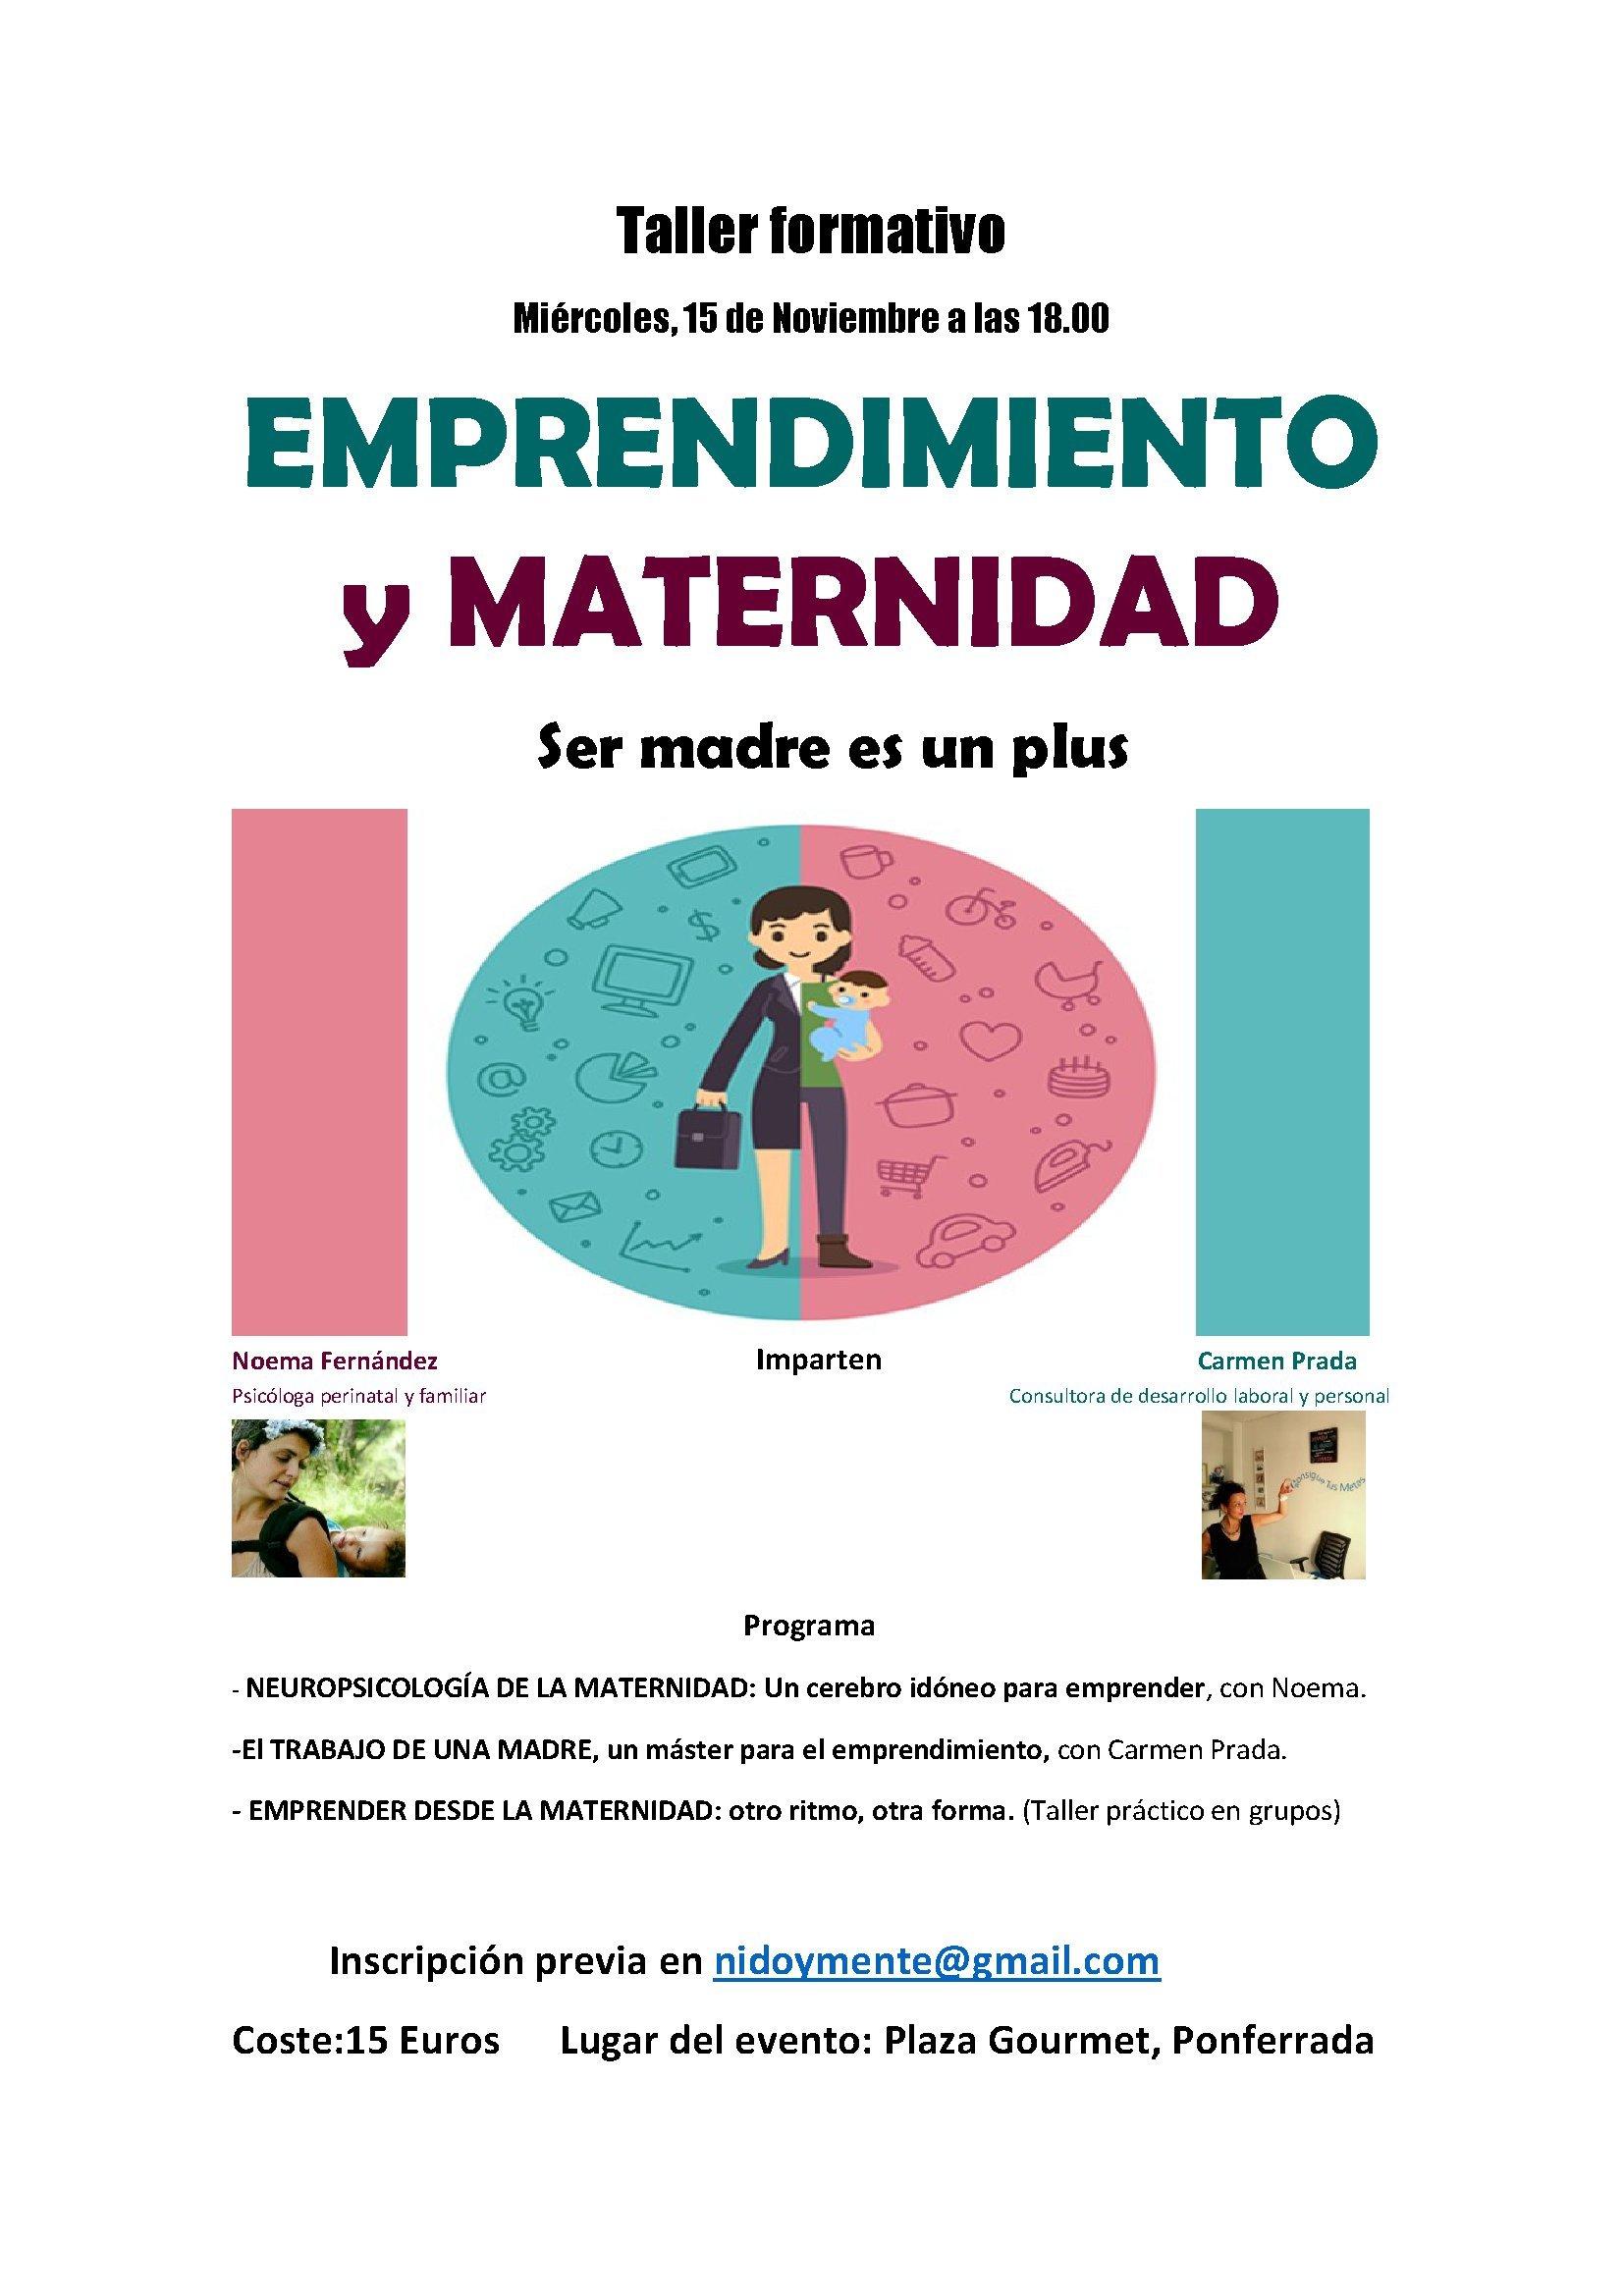 Evento emprendimiento y maternidad 1